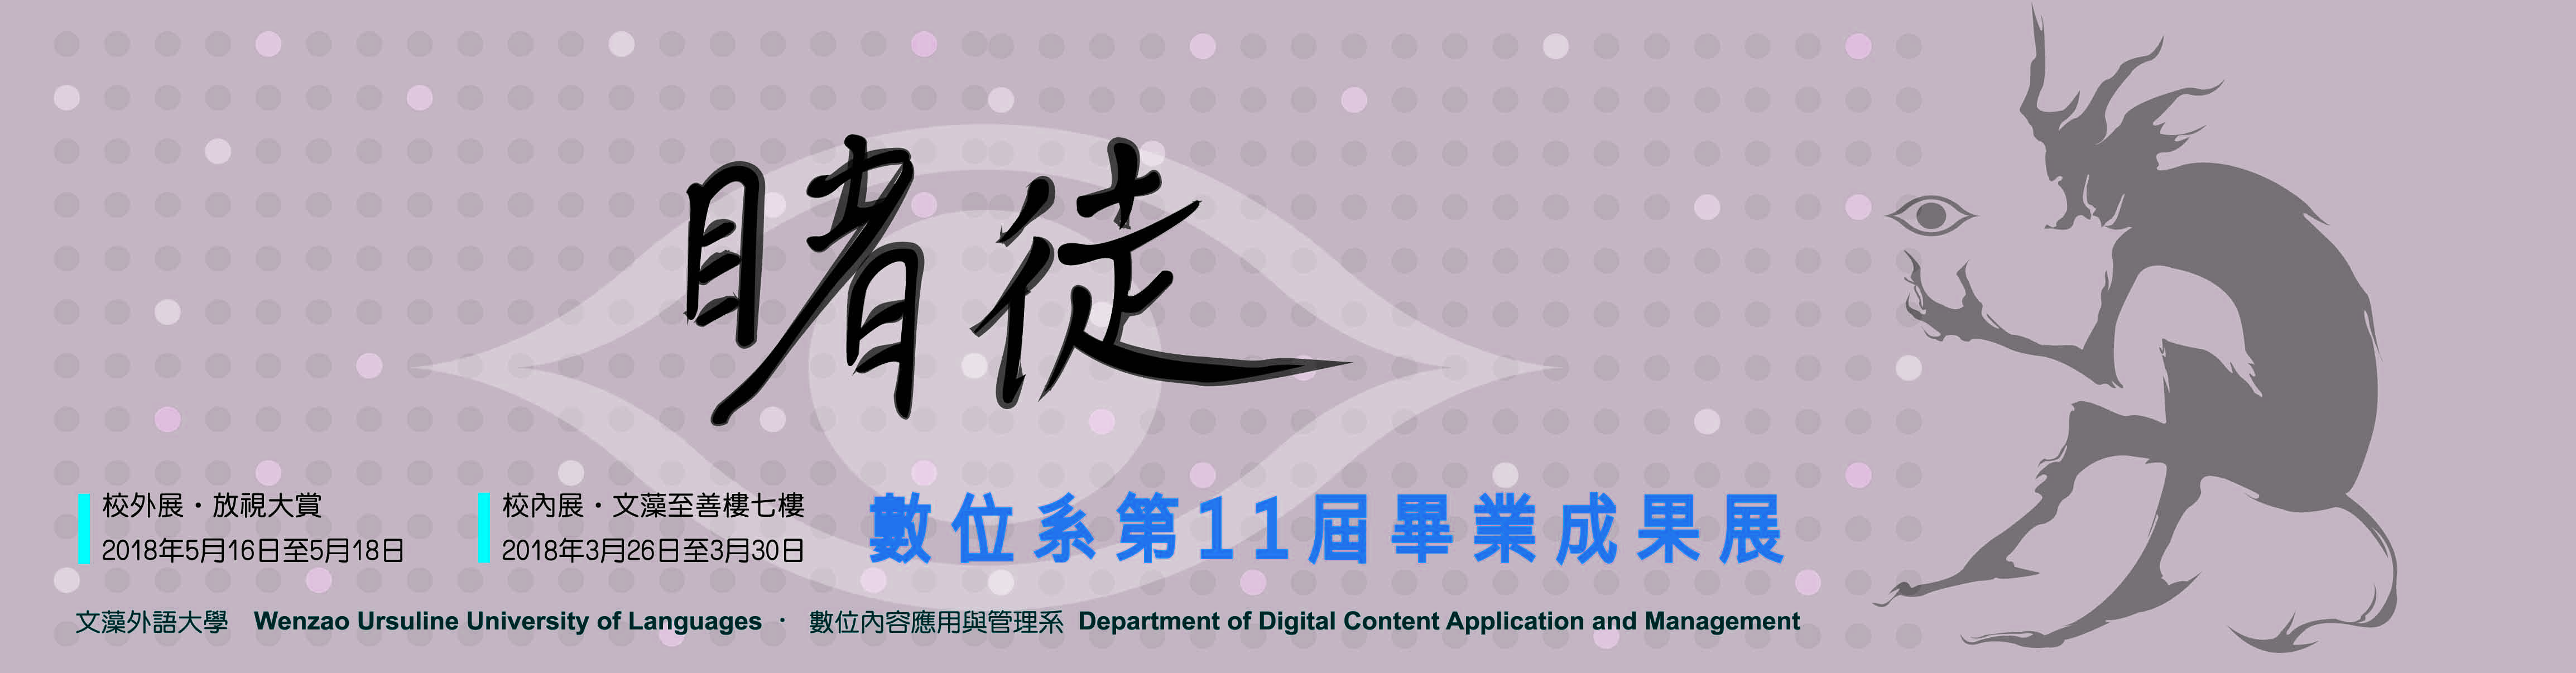 睹徒—文藻外語大學107級數位內容應用與管理系畢業成果展